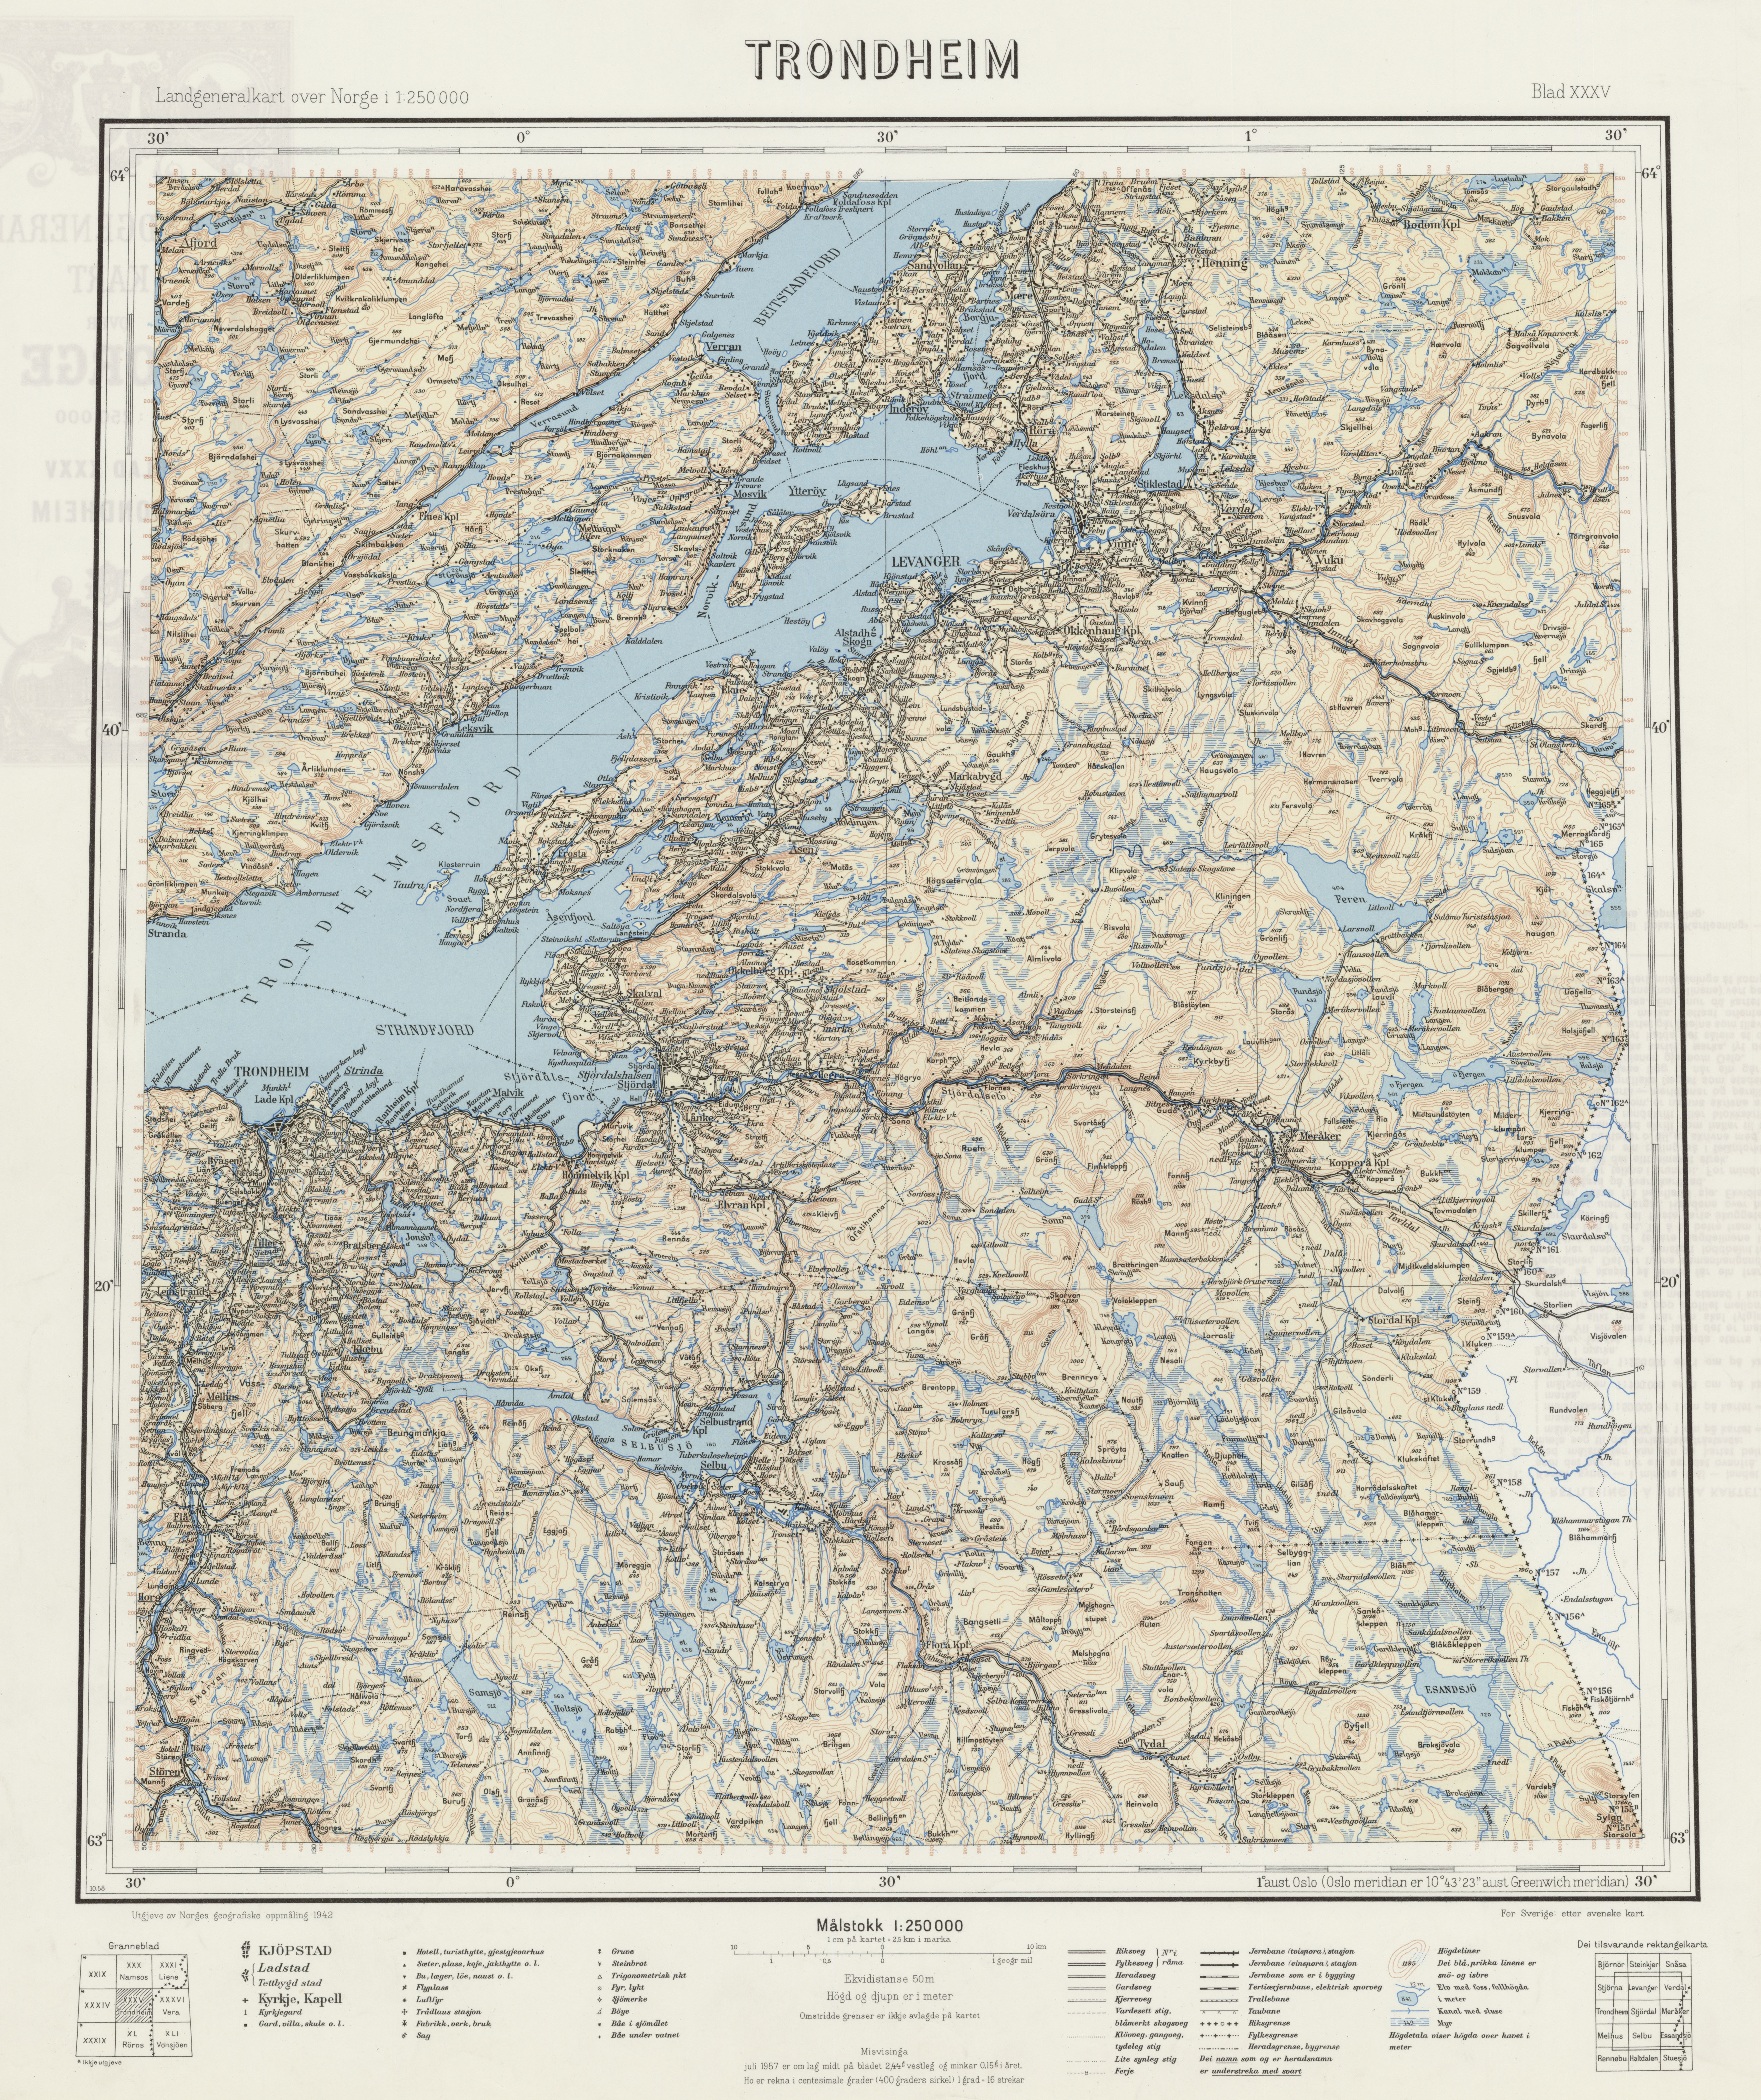 time kyrkje kart File:Landgeneralkart 35, Trondheim, 1942.   Wikimedia Commons time kyrkje kart